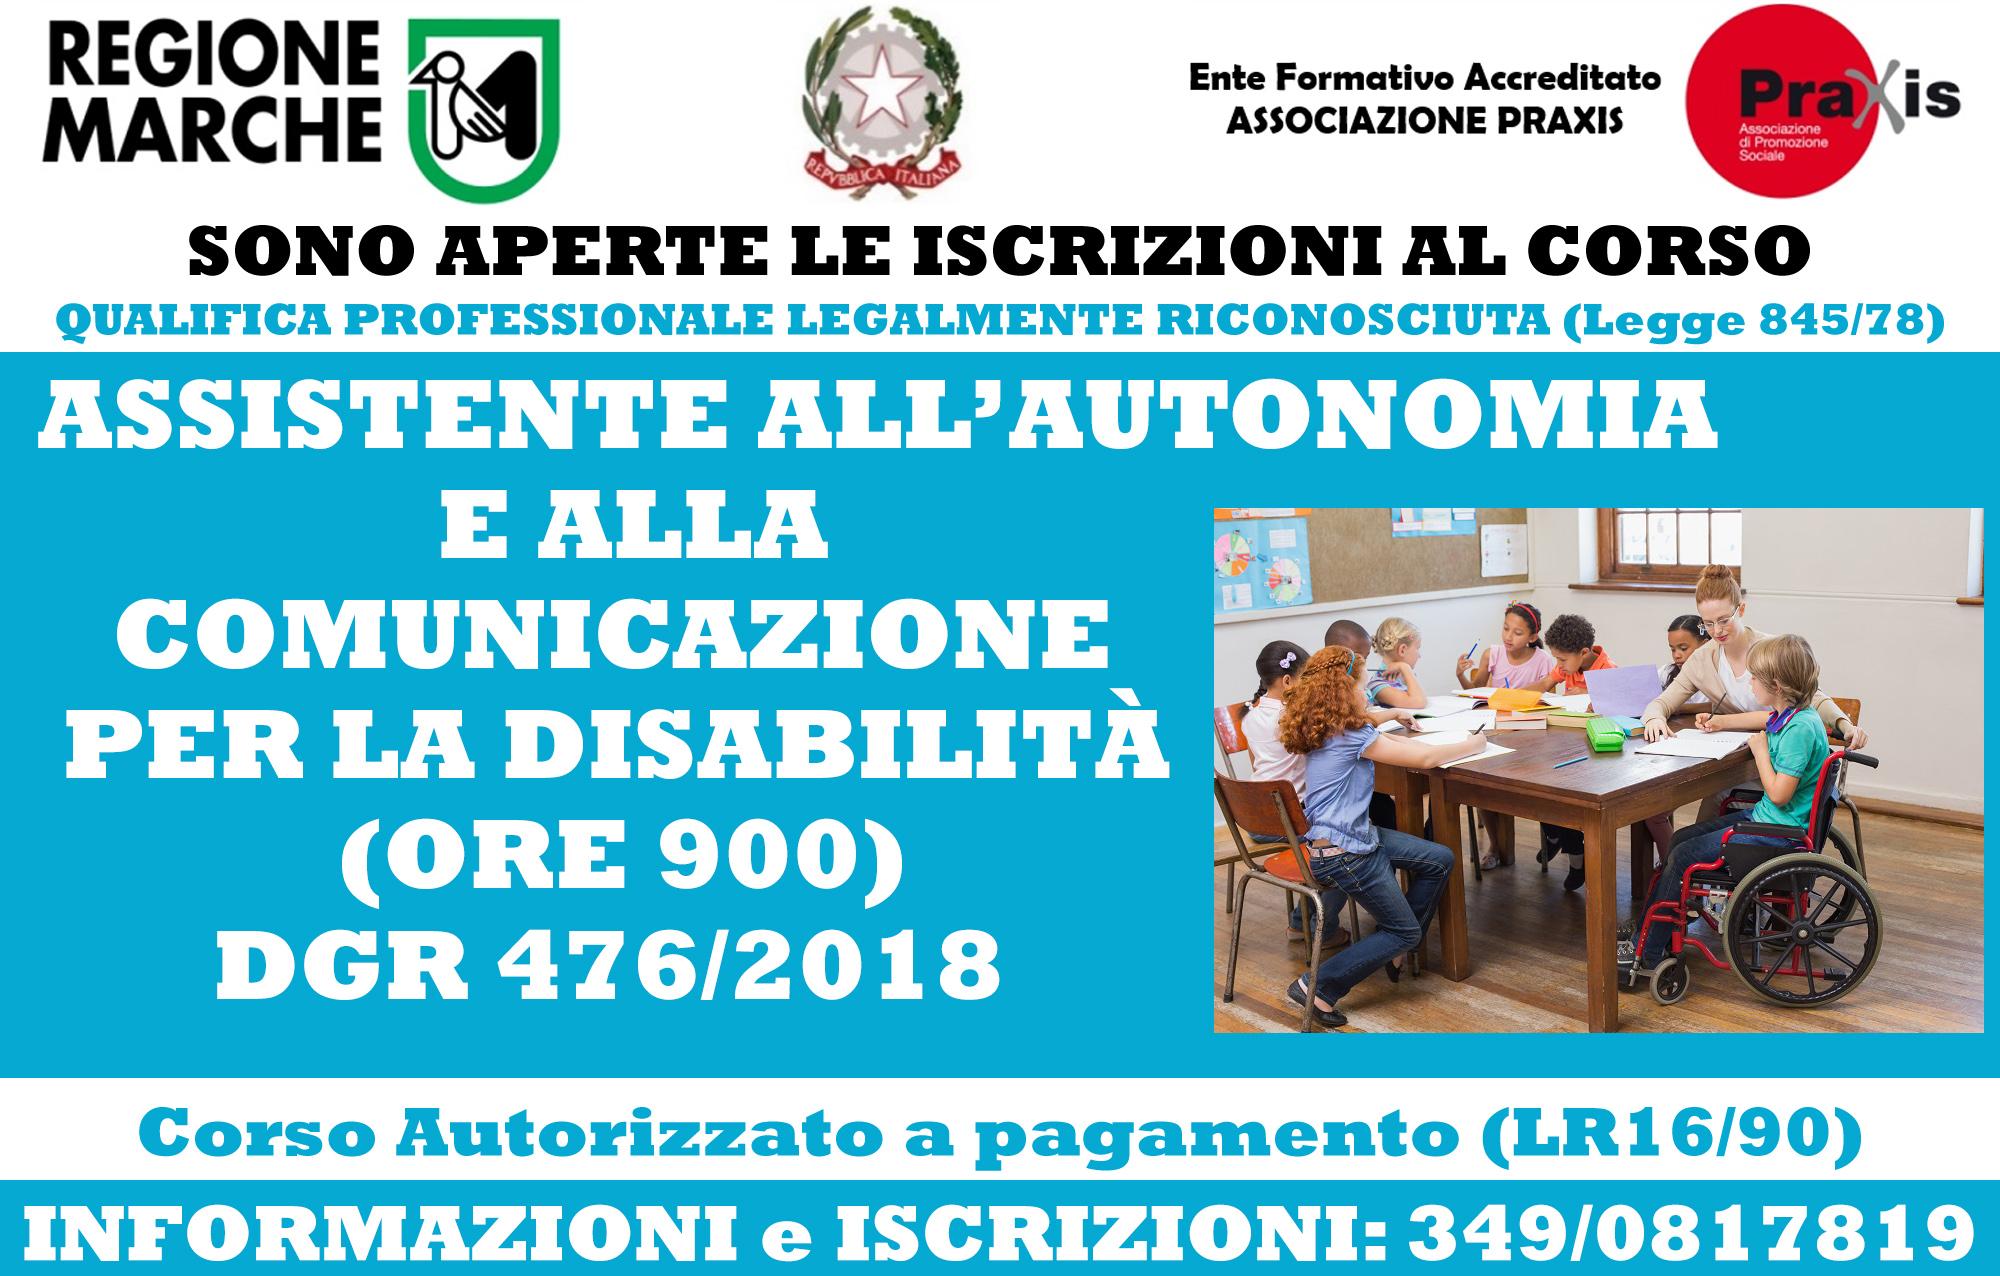 Corsi Assistente Autonomia e Comunicazione per la Disabilità